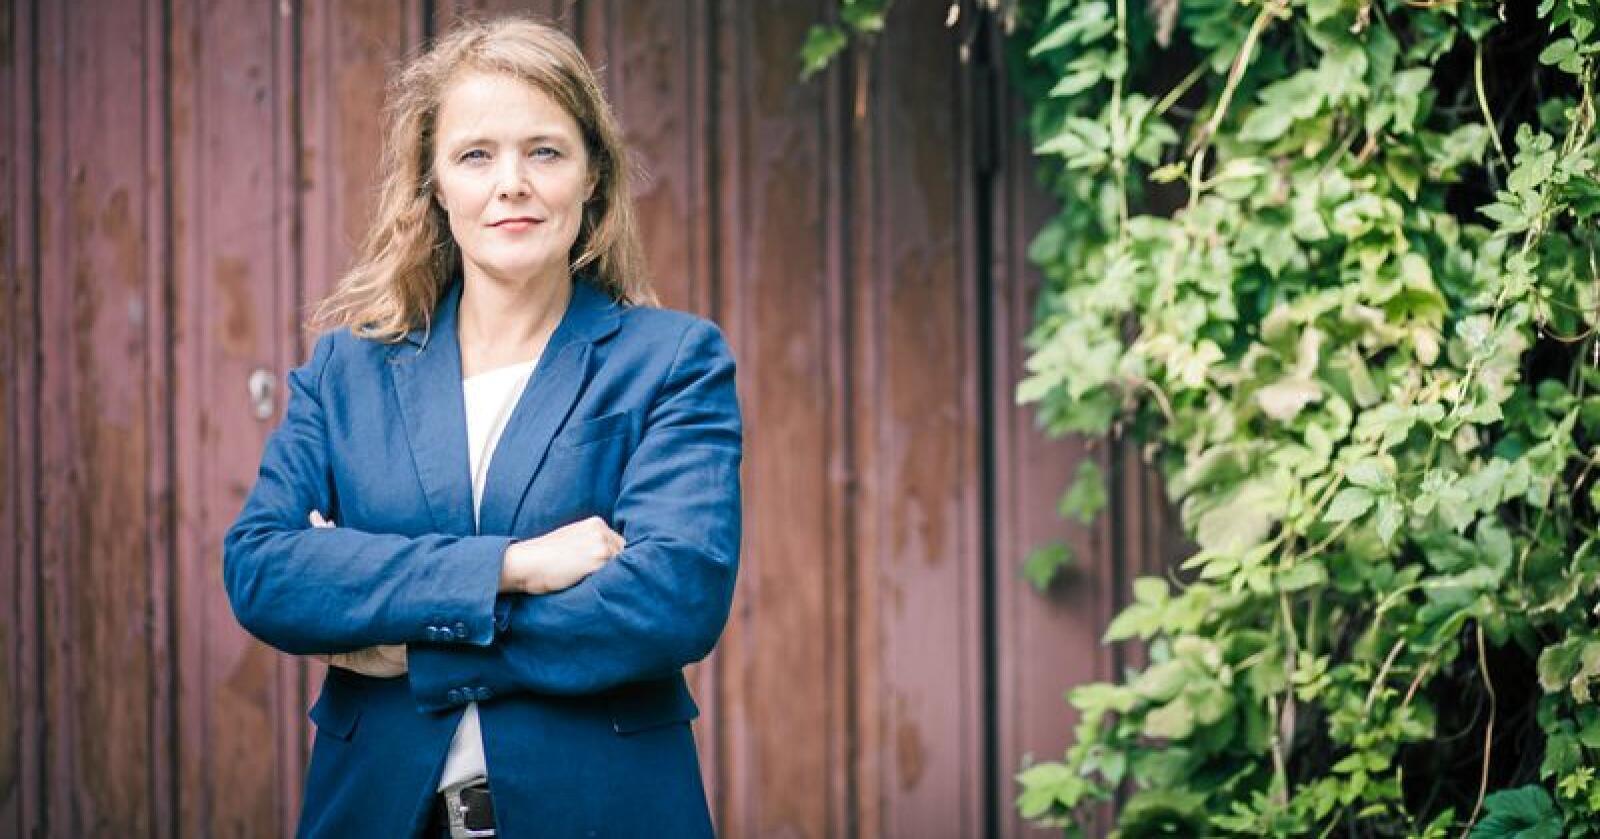 Pernille Huseby, generalsekretær i Actis – Rusfeltets samarbeidsorgan, mener Venstres Guri Melby i sin omtale av rusmidlet cannabis er med på å normalisere det. Foto: Lene Neverdal / Actis